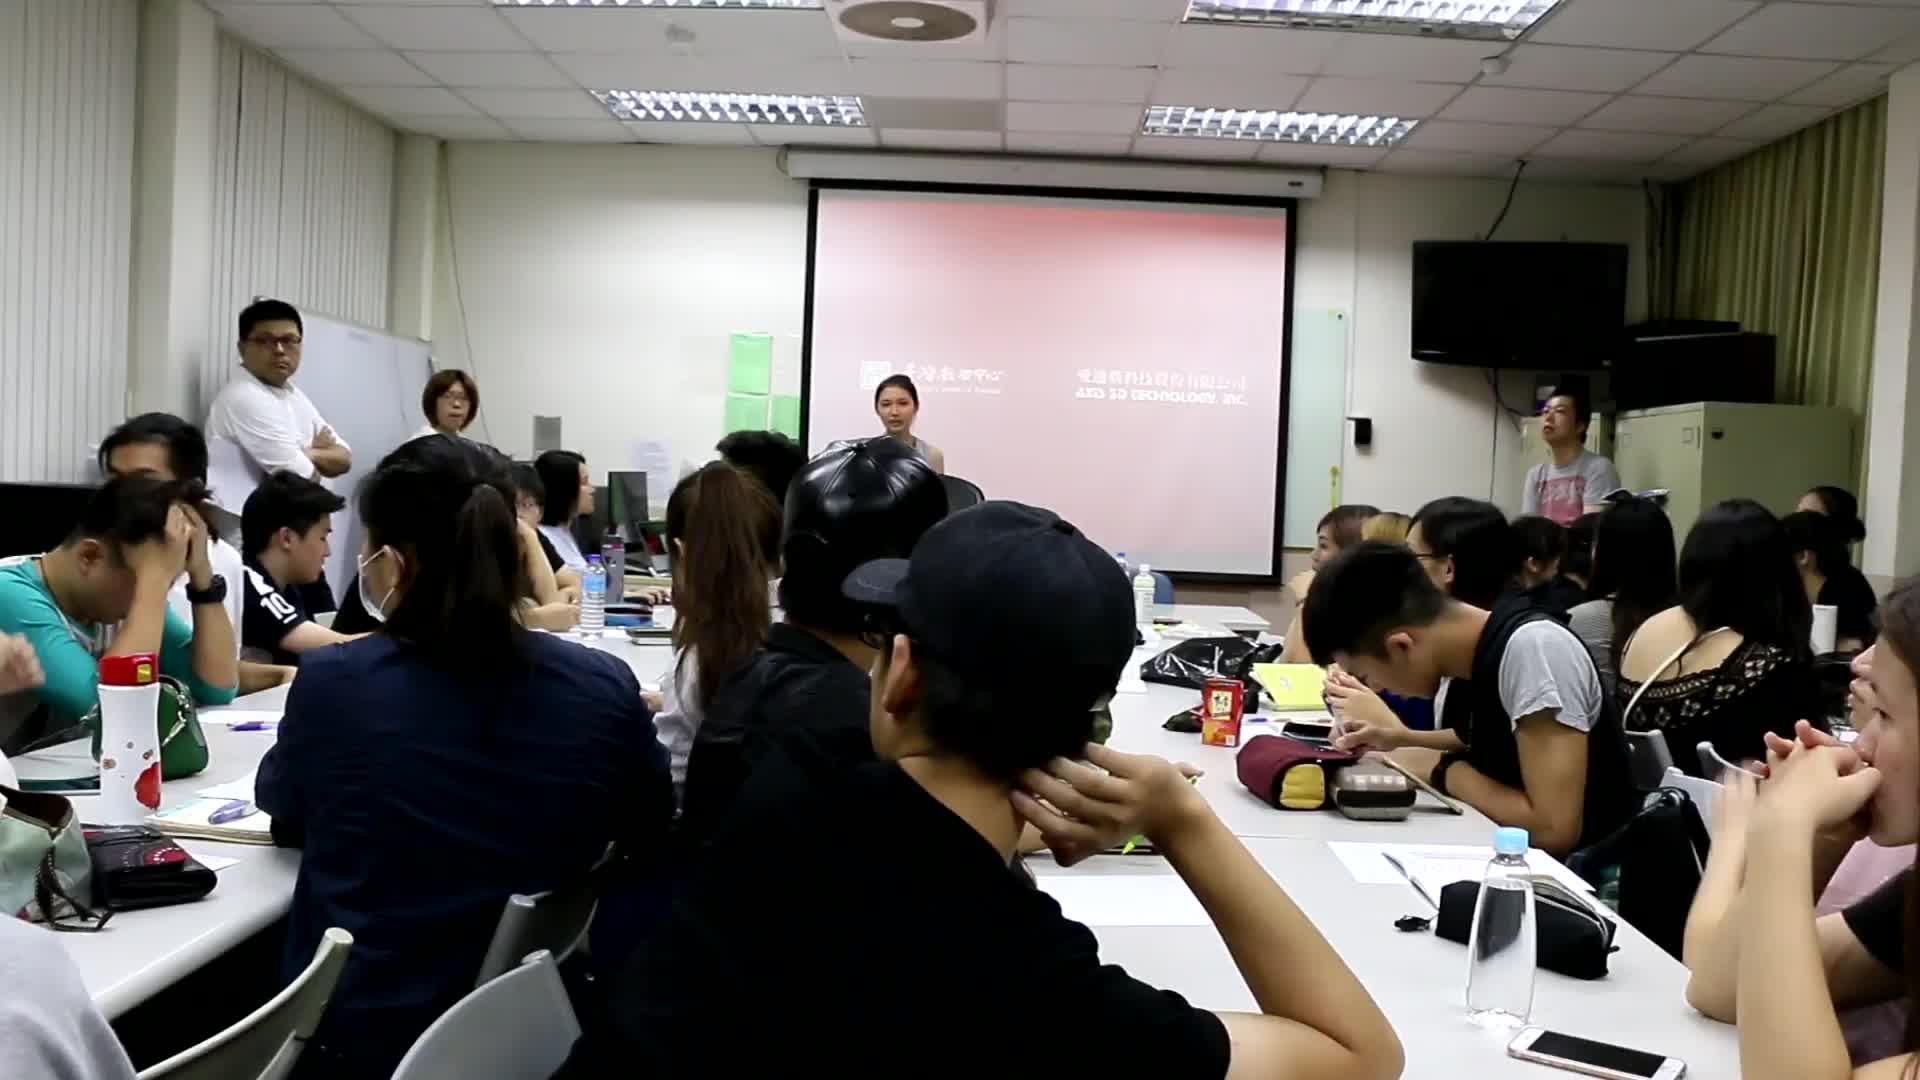 臺灣戲曲中心3D數位模擬預演系統開發計畫影音成果資料-校園說明會-文化大學戲劇學系